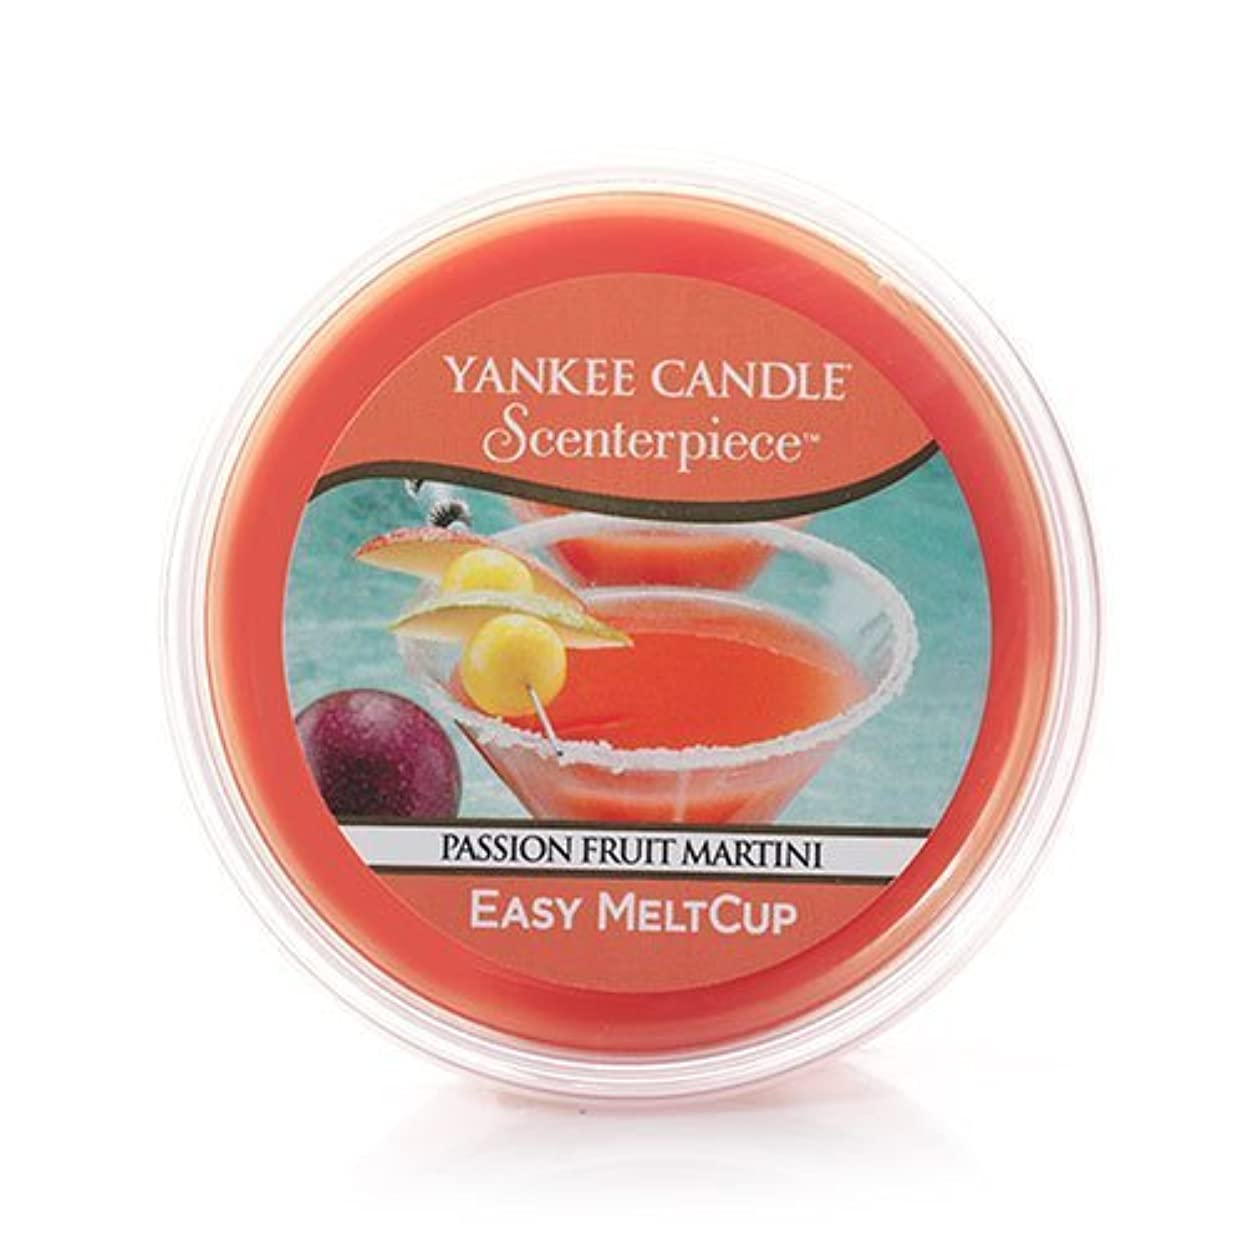 現在分類する一般化するYankee CandleパッションフルーツMartini Scenterpiece Easy MeltCup 2.2 Oz